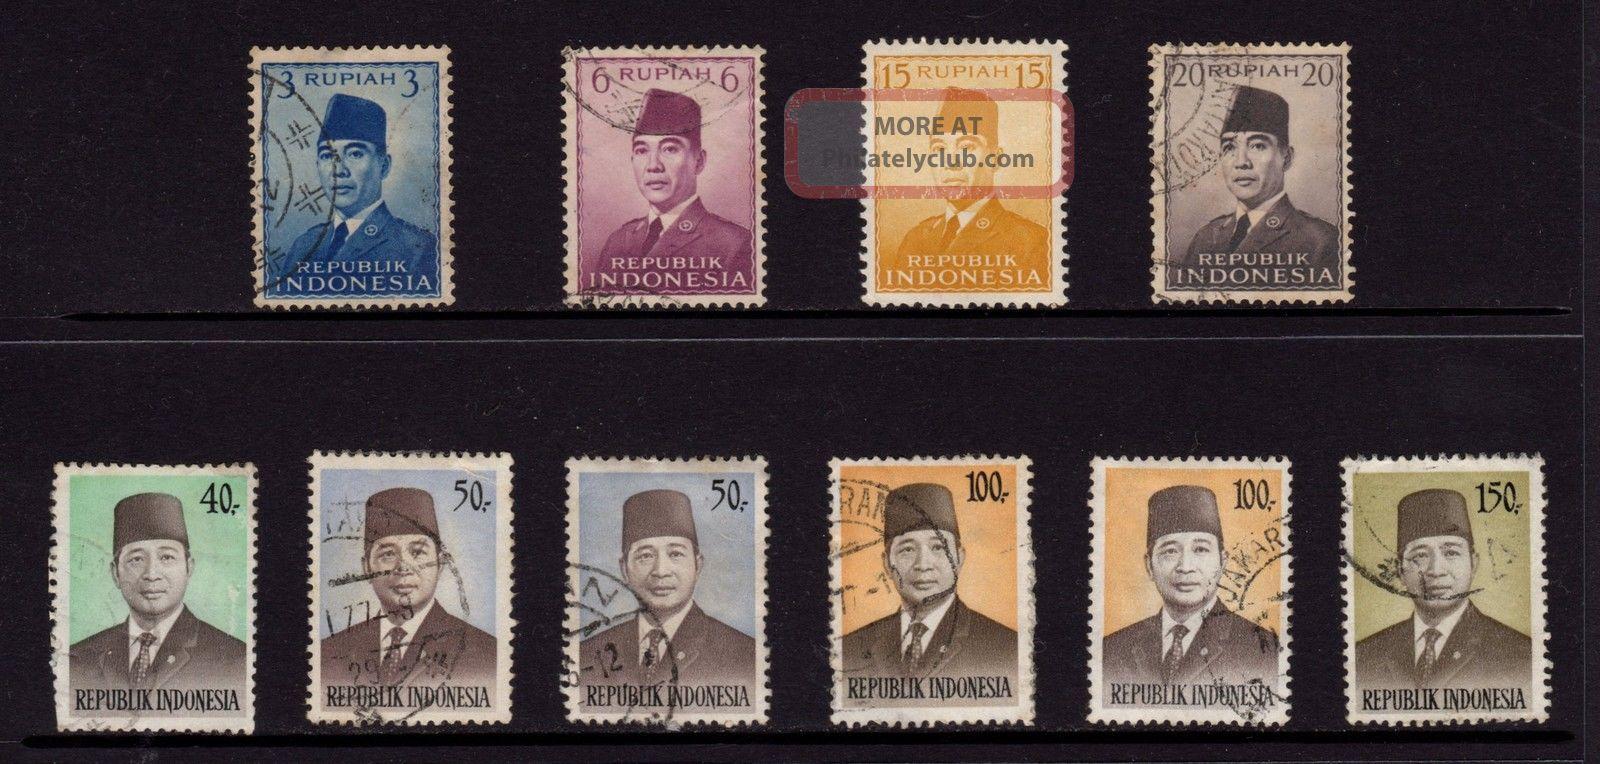 Indonesia,  Sc 392,  394,  396,  397,  901,  903,  912 & 913,  Pres.  Sukarno, Asia photo